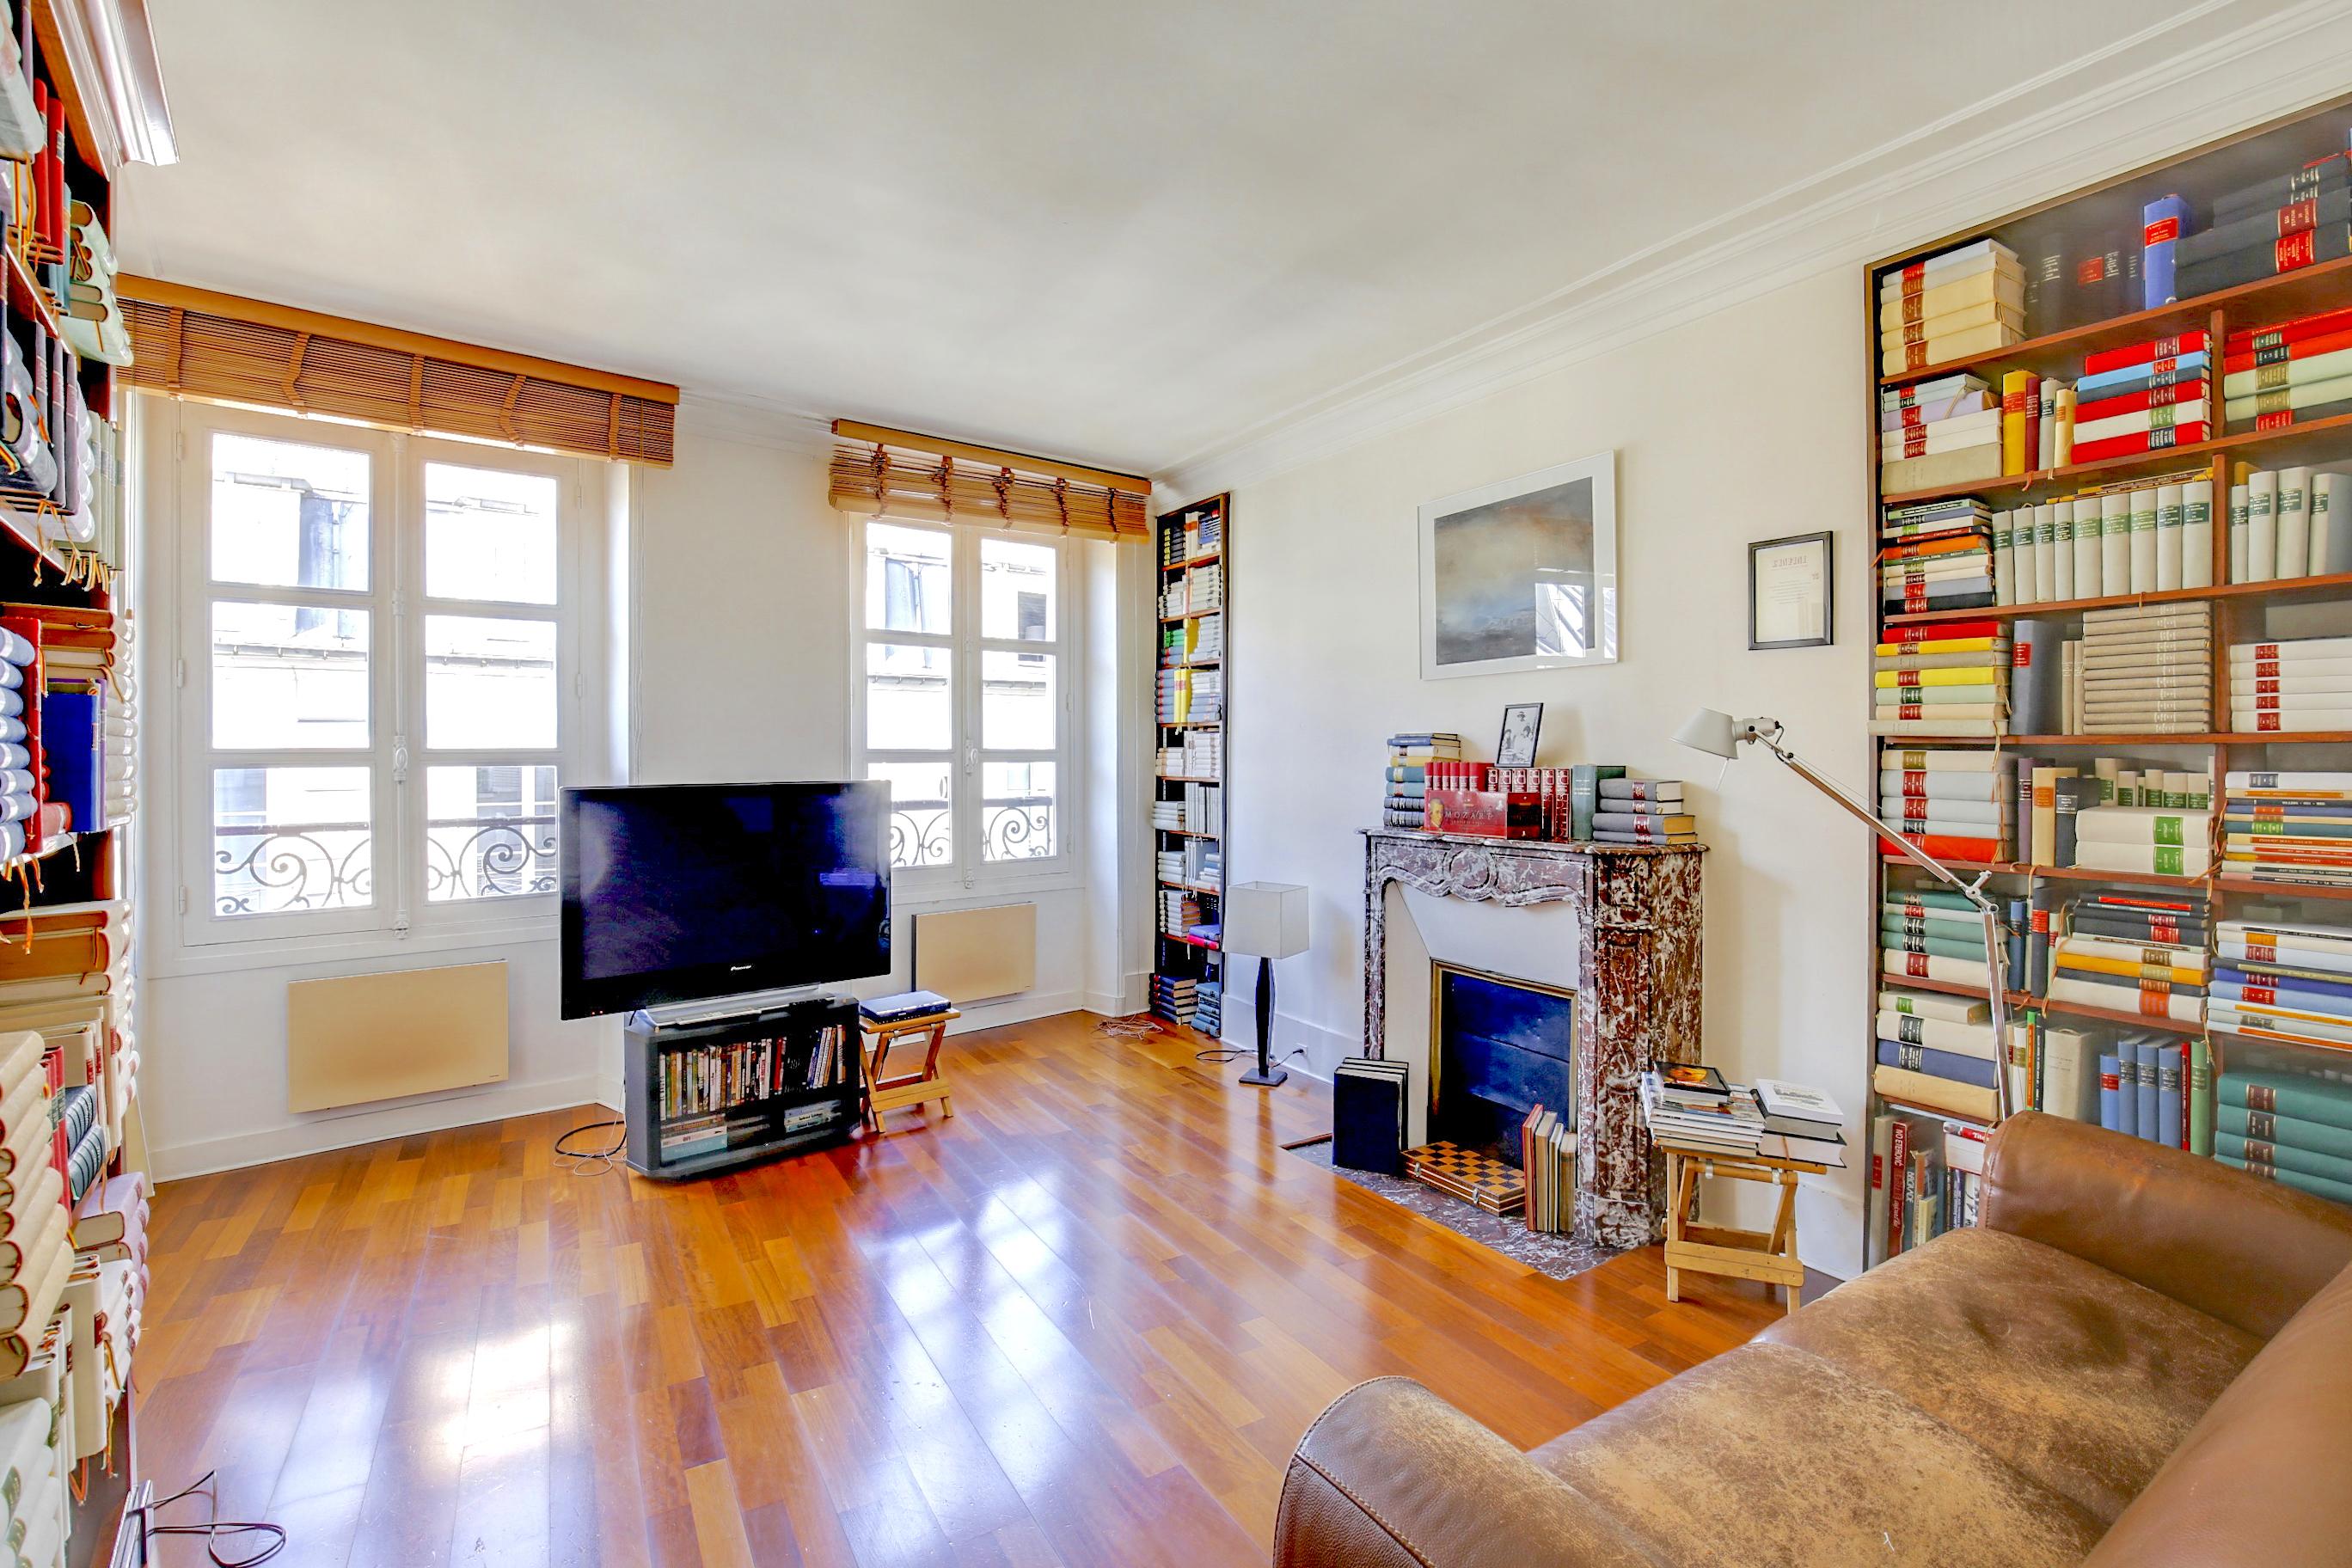 Agence-Leroy-Vente-2-pièces-rue-de-Bourgogne-75007-Paris-8000